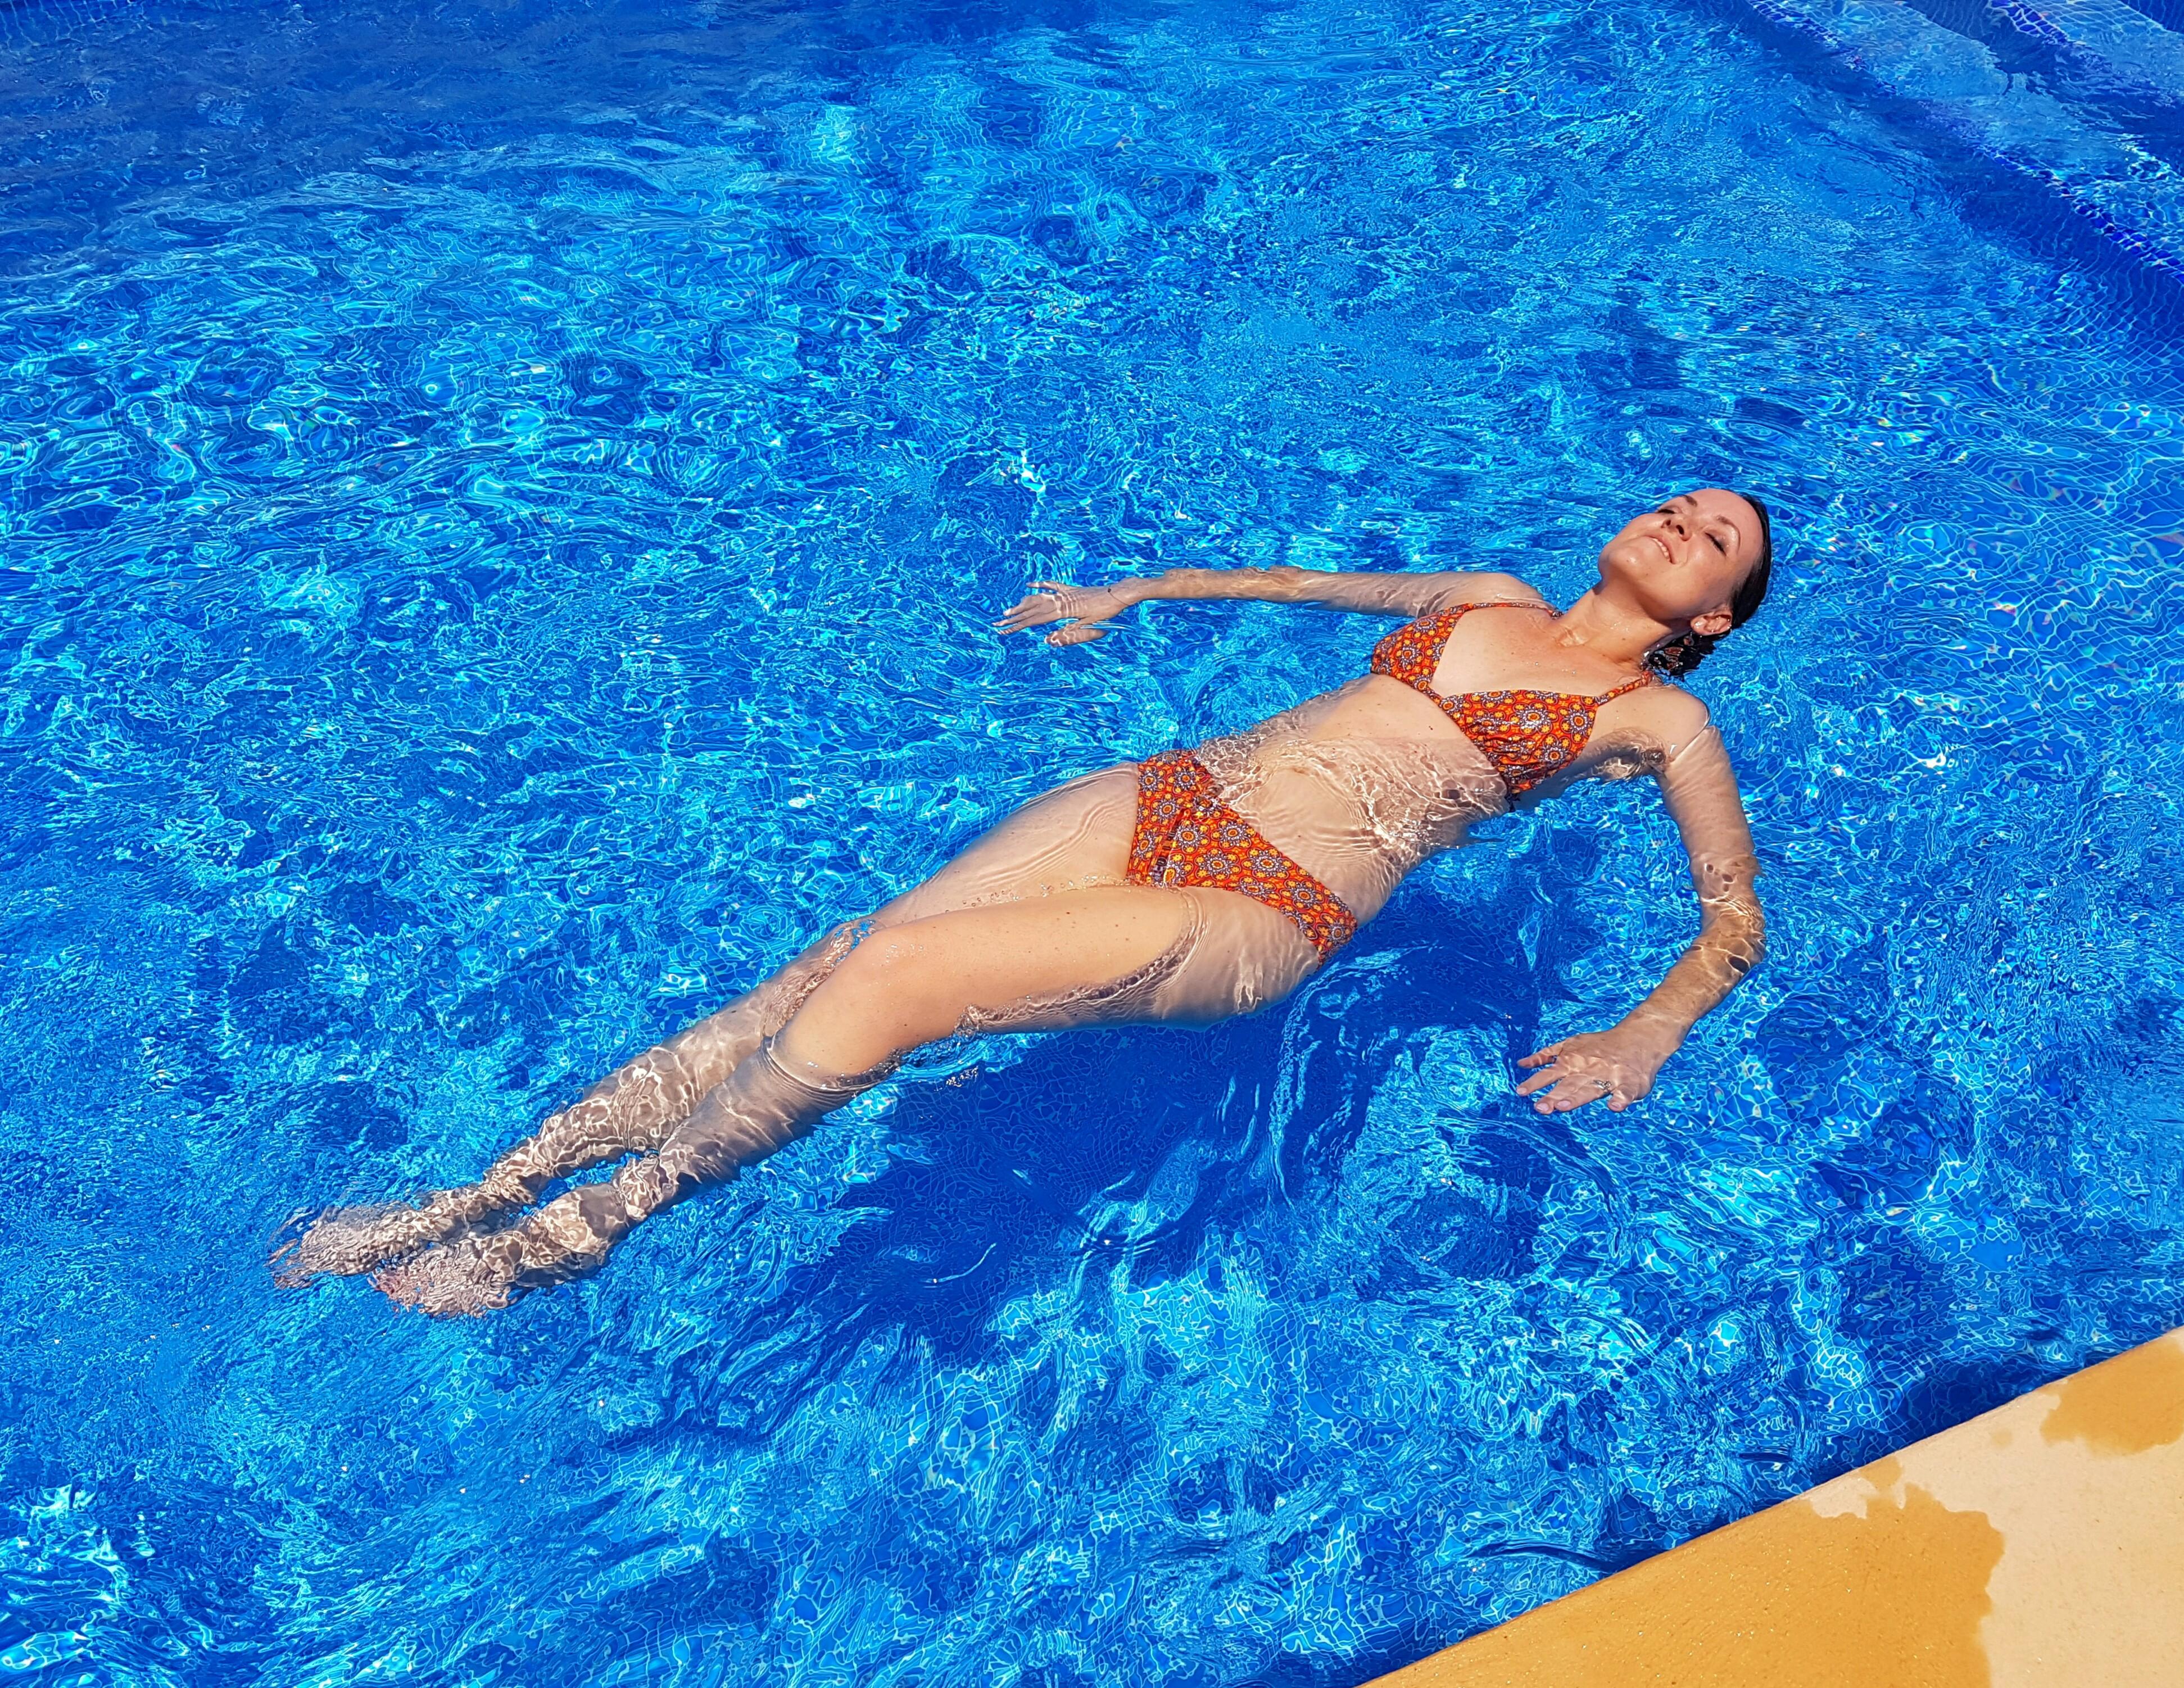 verschiedenArt: Bikini im Pool